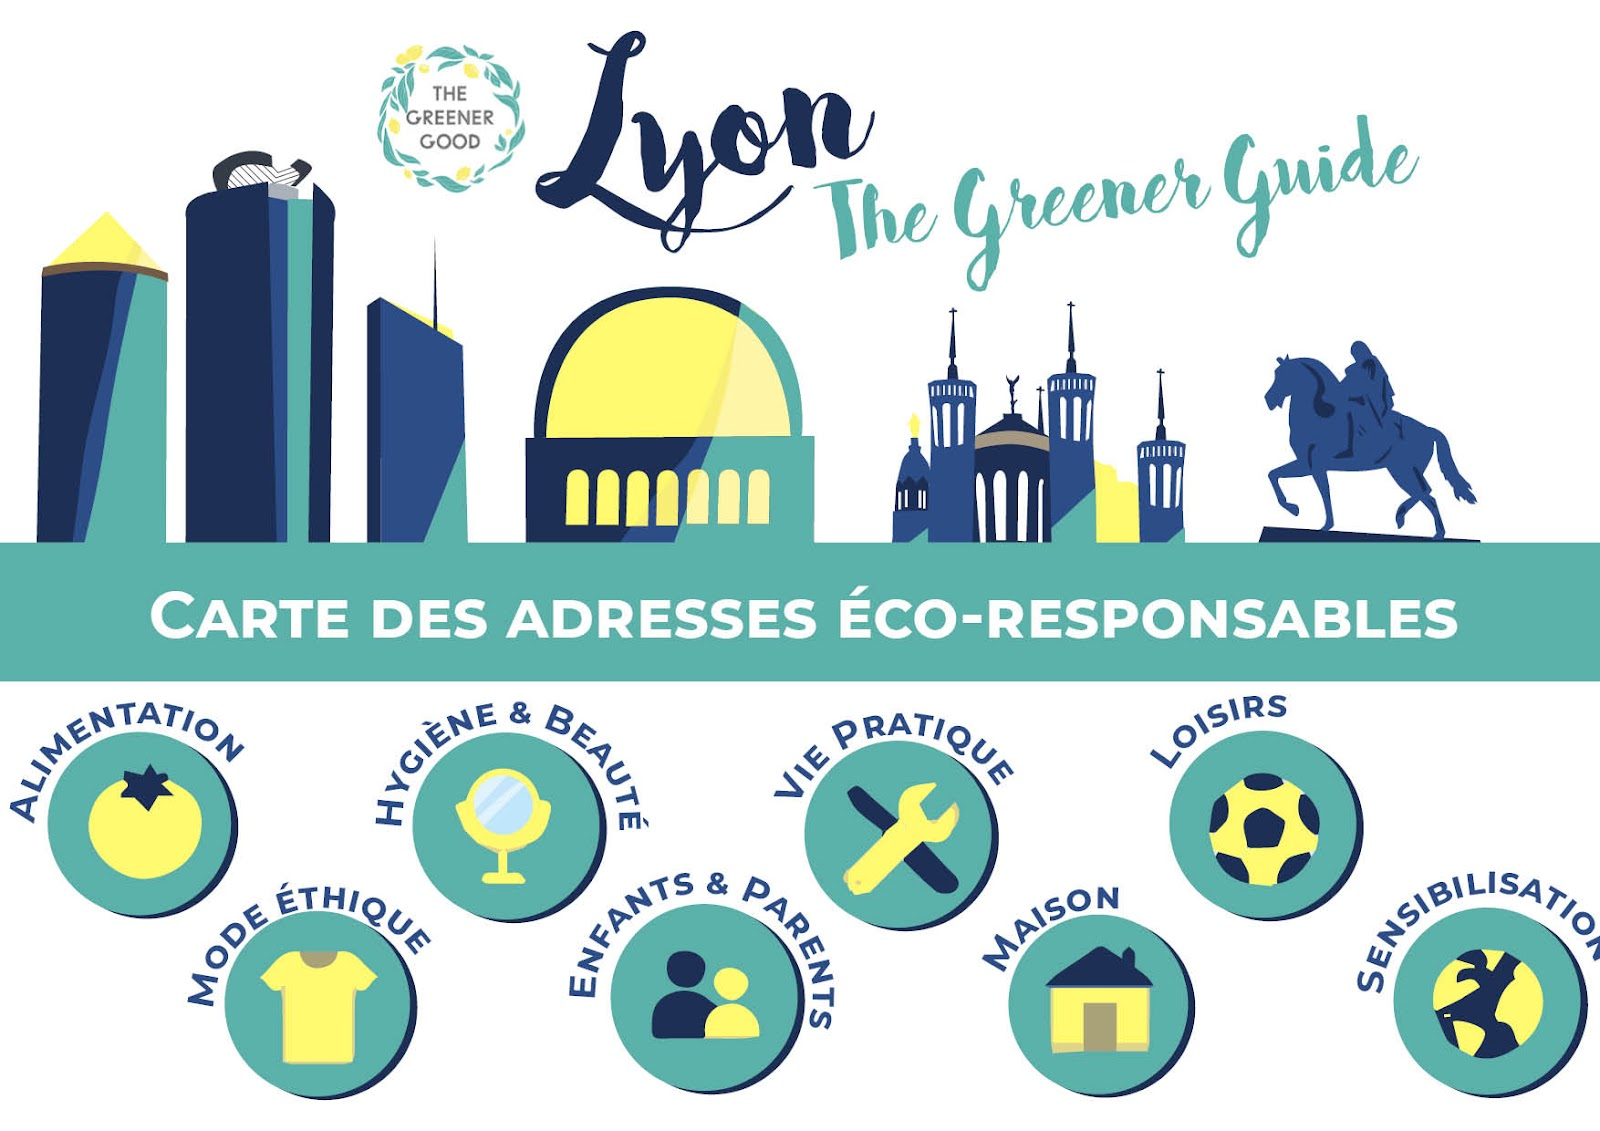 Carte interactive de Lyon qui répertorie les adresses éco-responsables de la ville